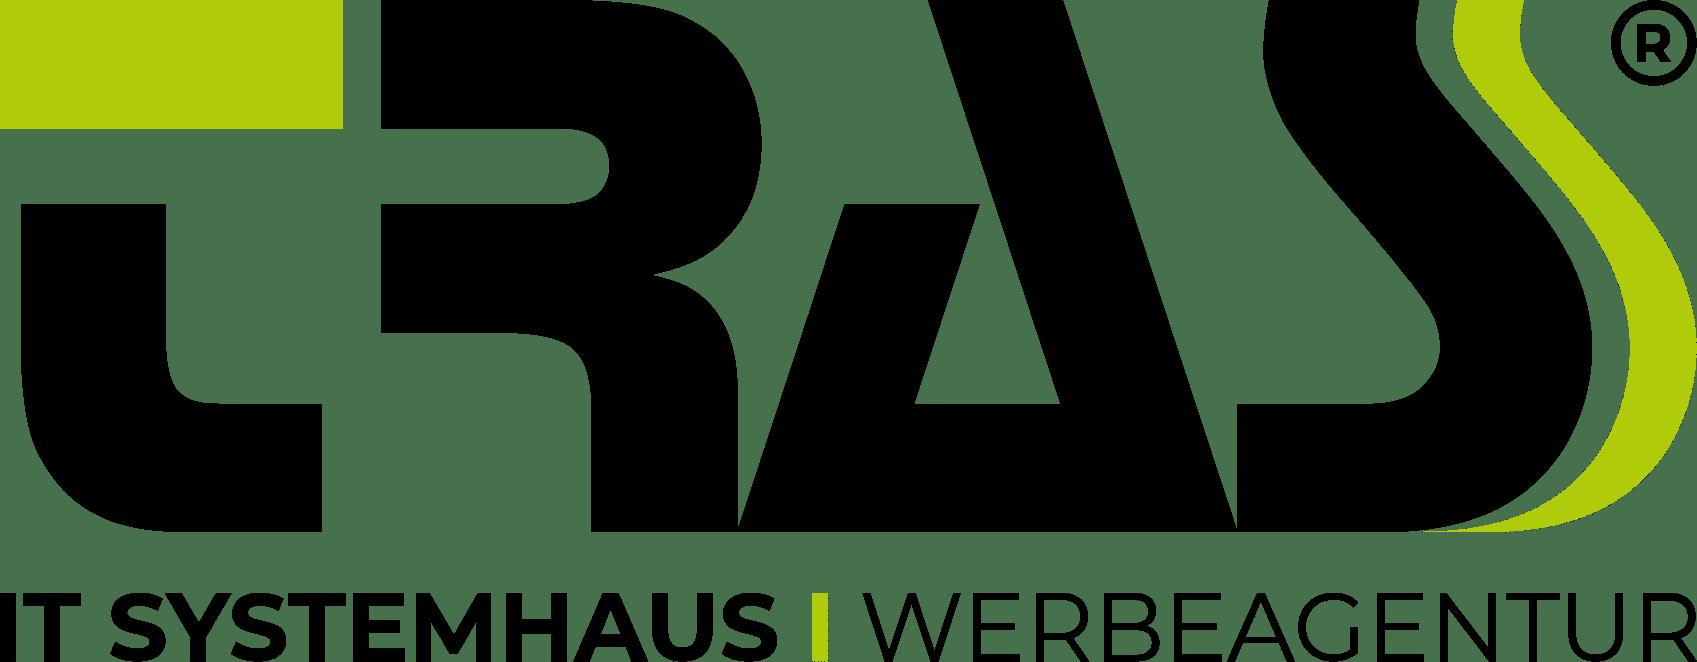 TRAS IT Service GmbH | IT Systemhaus & Werbeagentur